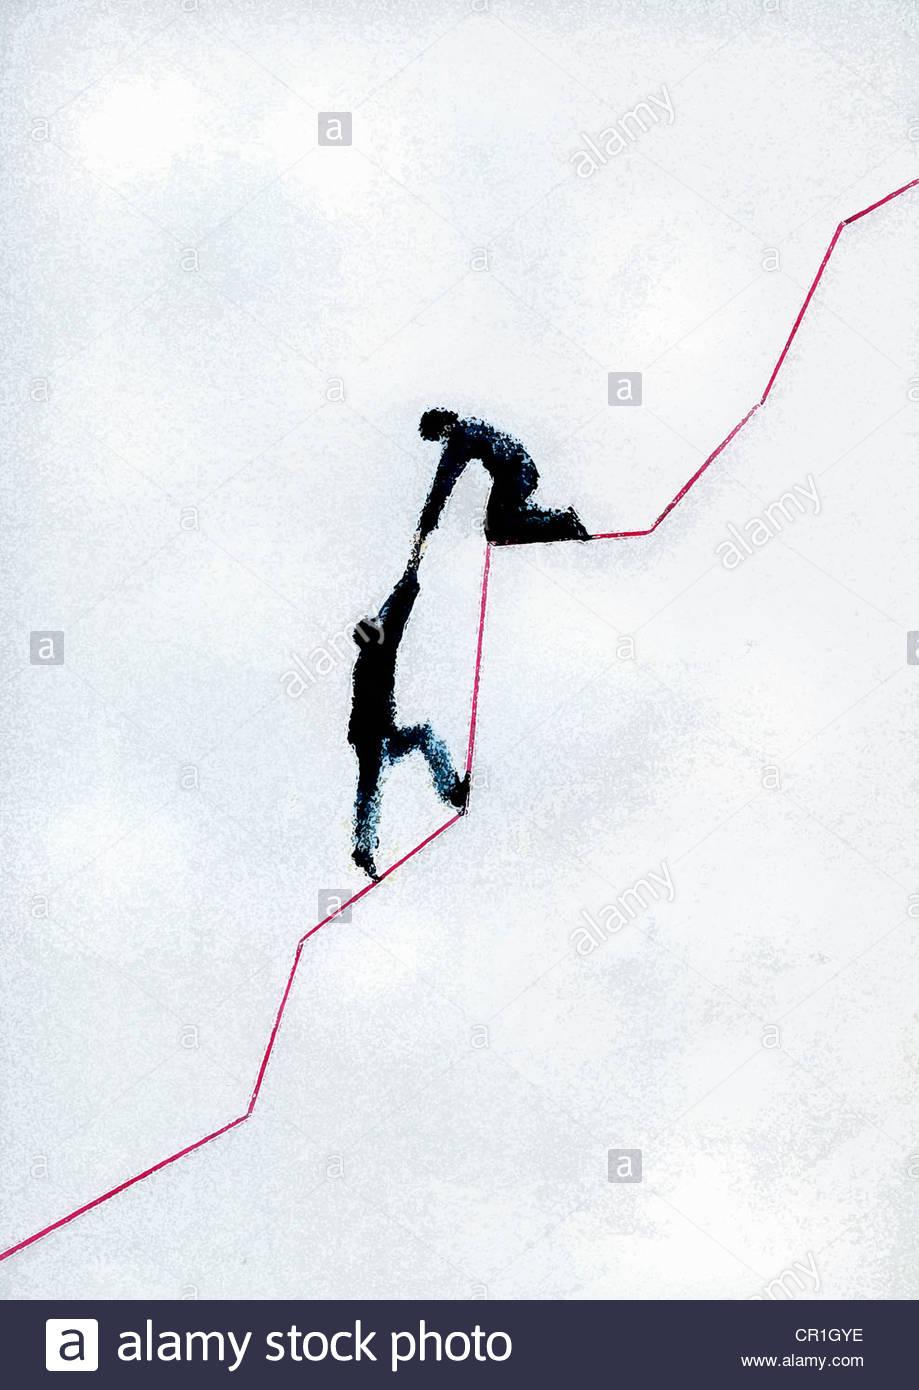 Colega ayudando empresario subir aumento gráfico de línea roja Imagen De Stock